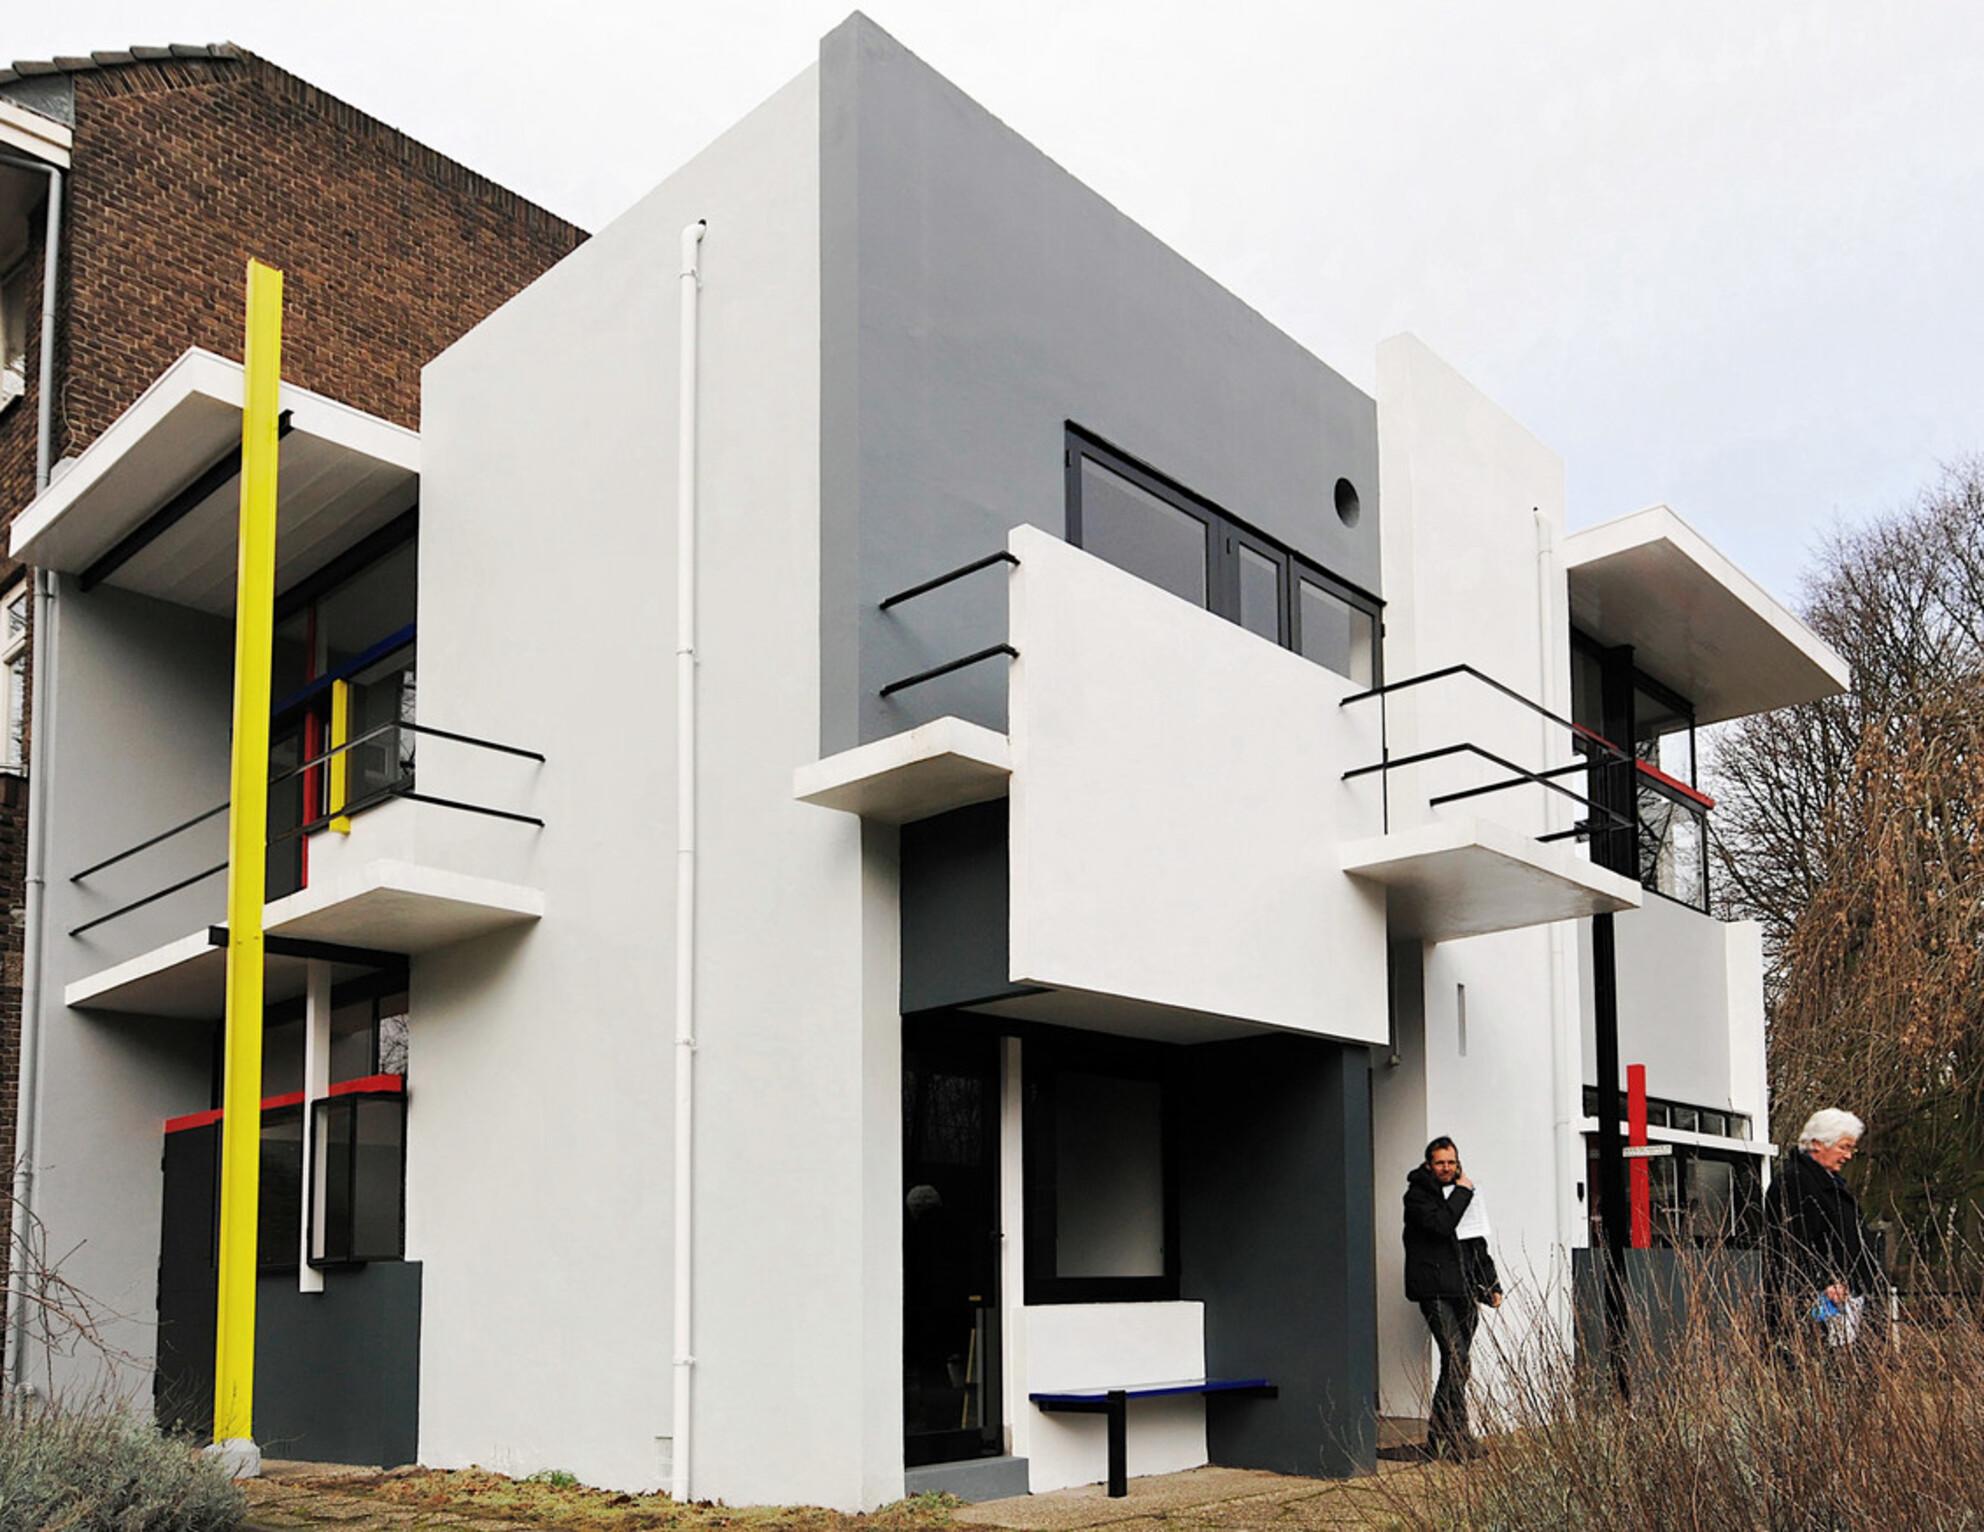 Rietveld - Rietveld-schroder huis in Utrecht - foto door neovisie op 02-03-2011 - deze foto bevat: rietveld, architect - Deze foto mag gebruikt worden in een Zoom.nl publicatie